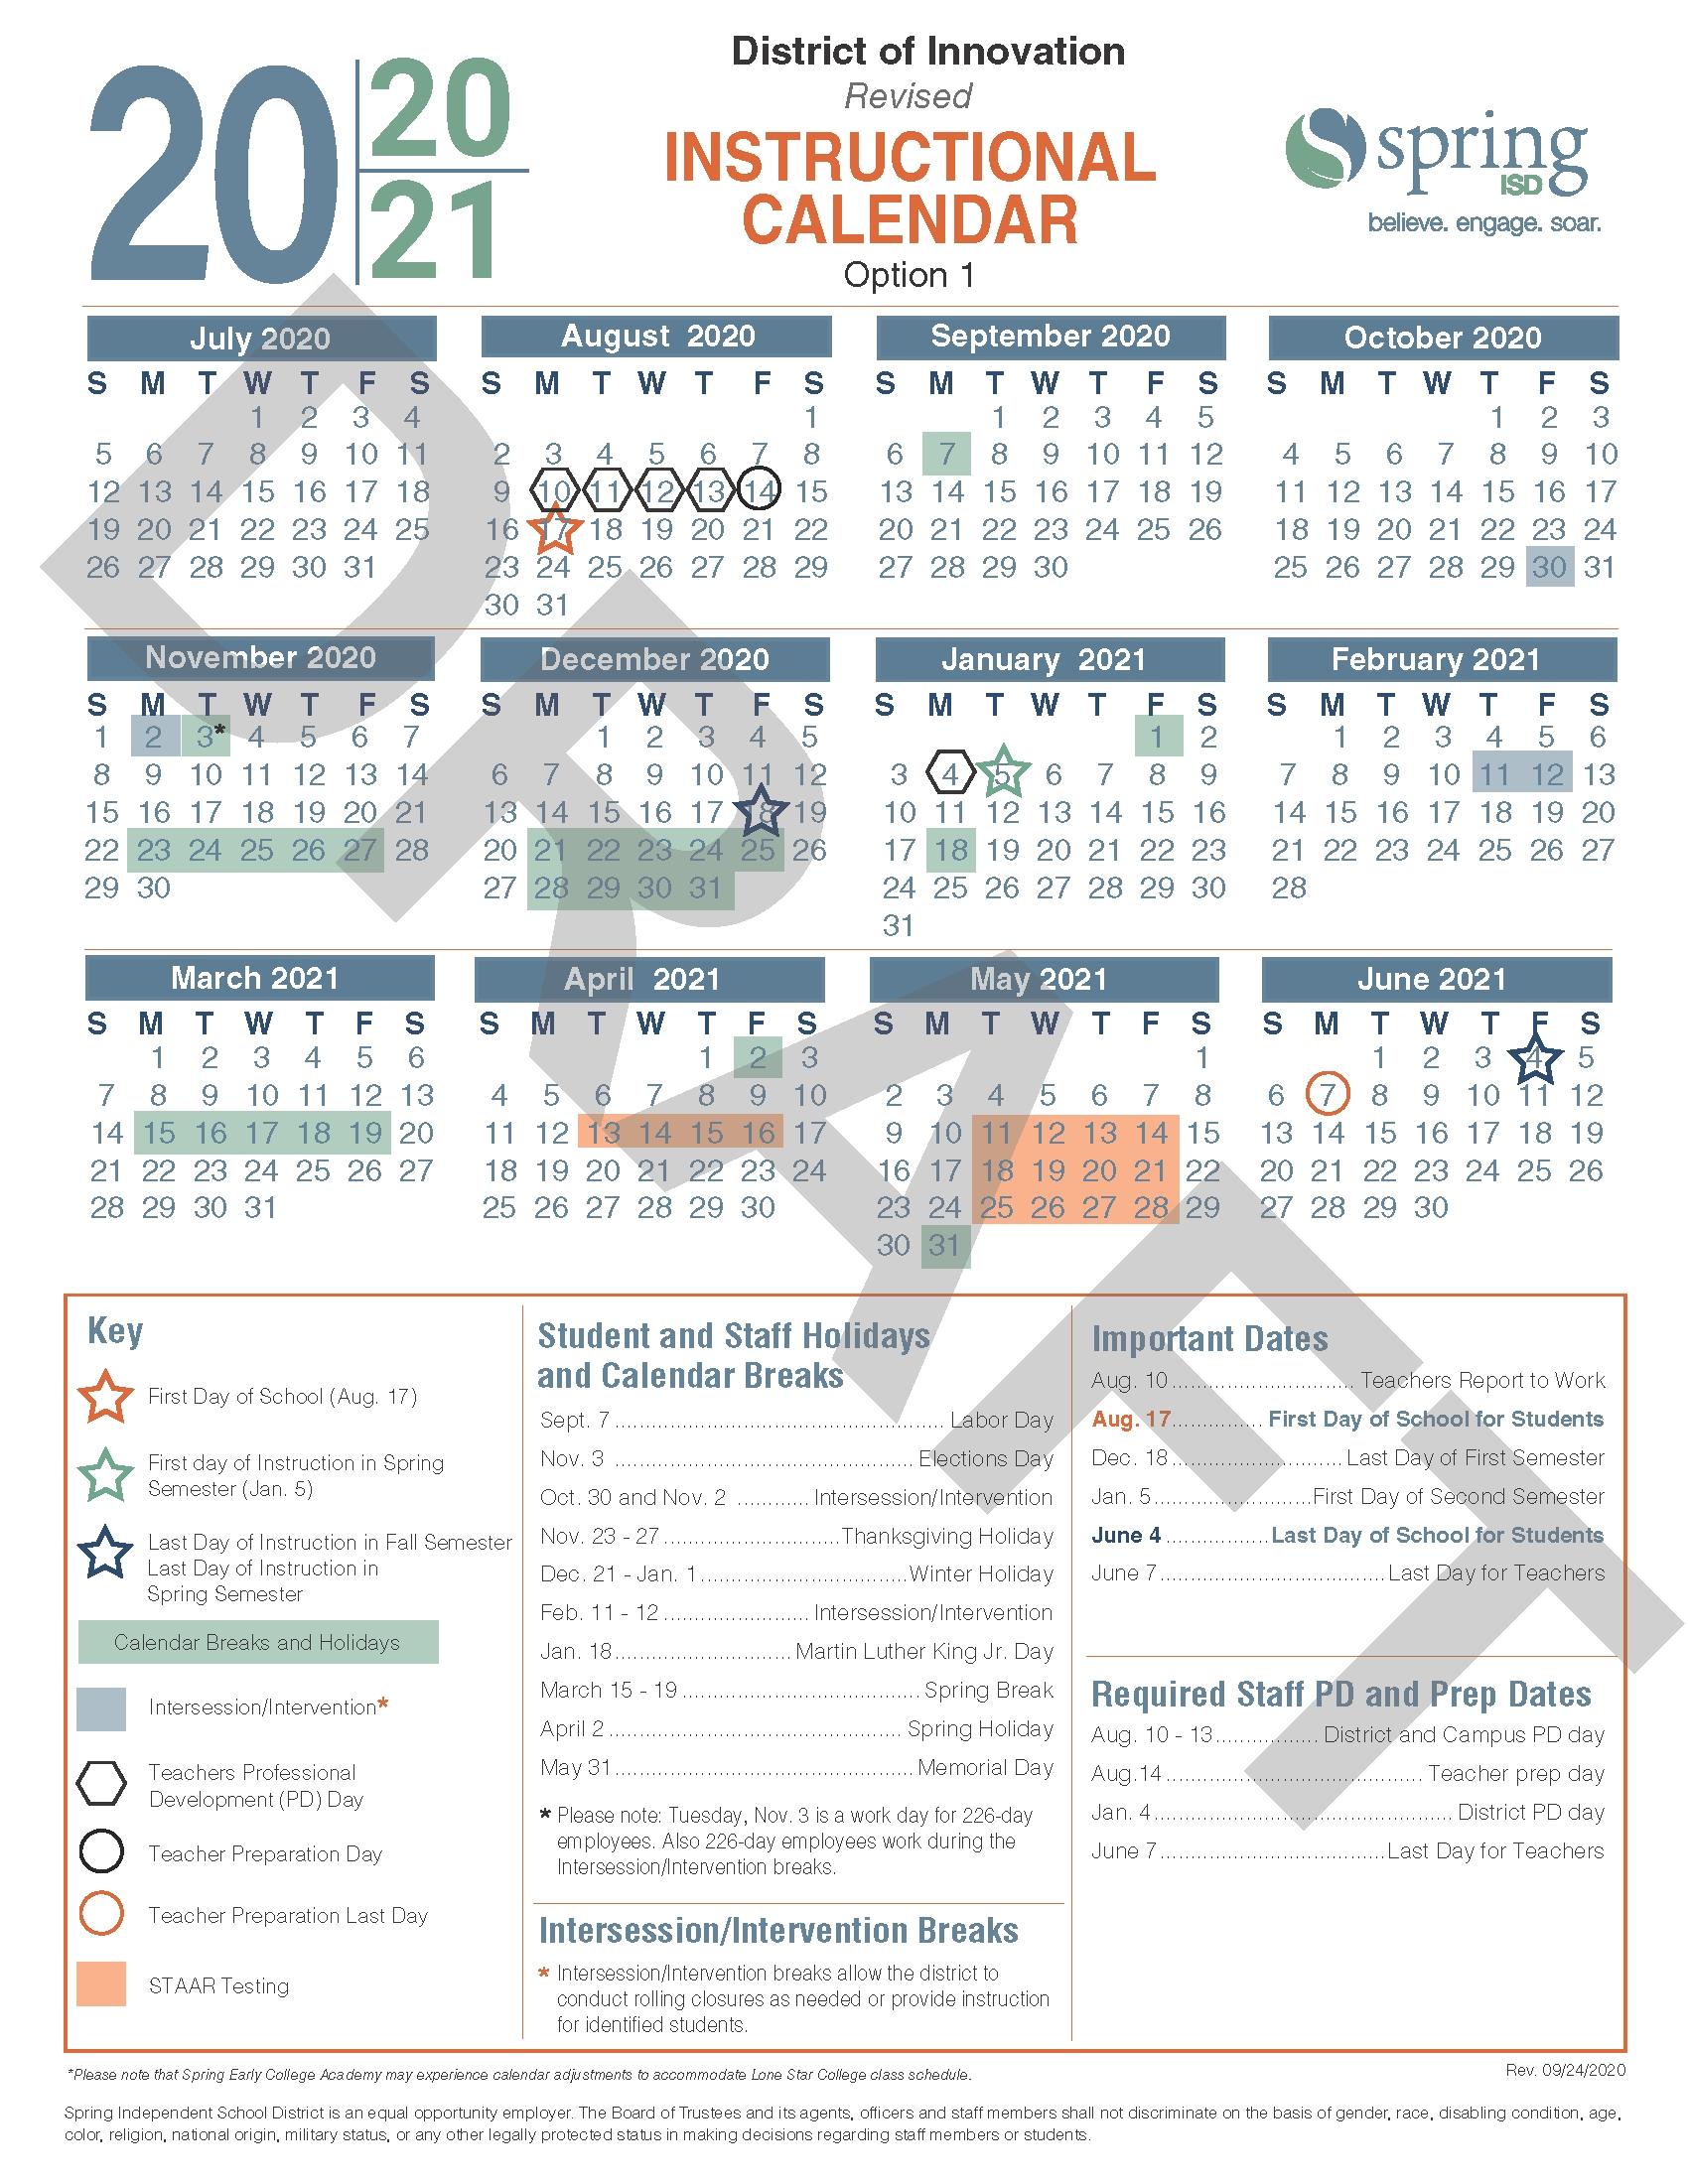 Calendar Survey / Revised 2020-21 Instructional Calendar